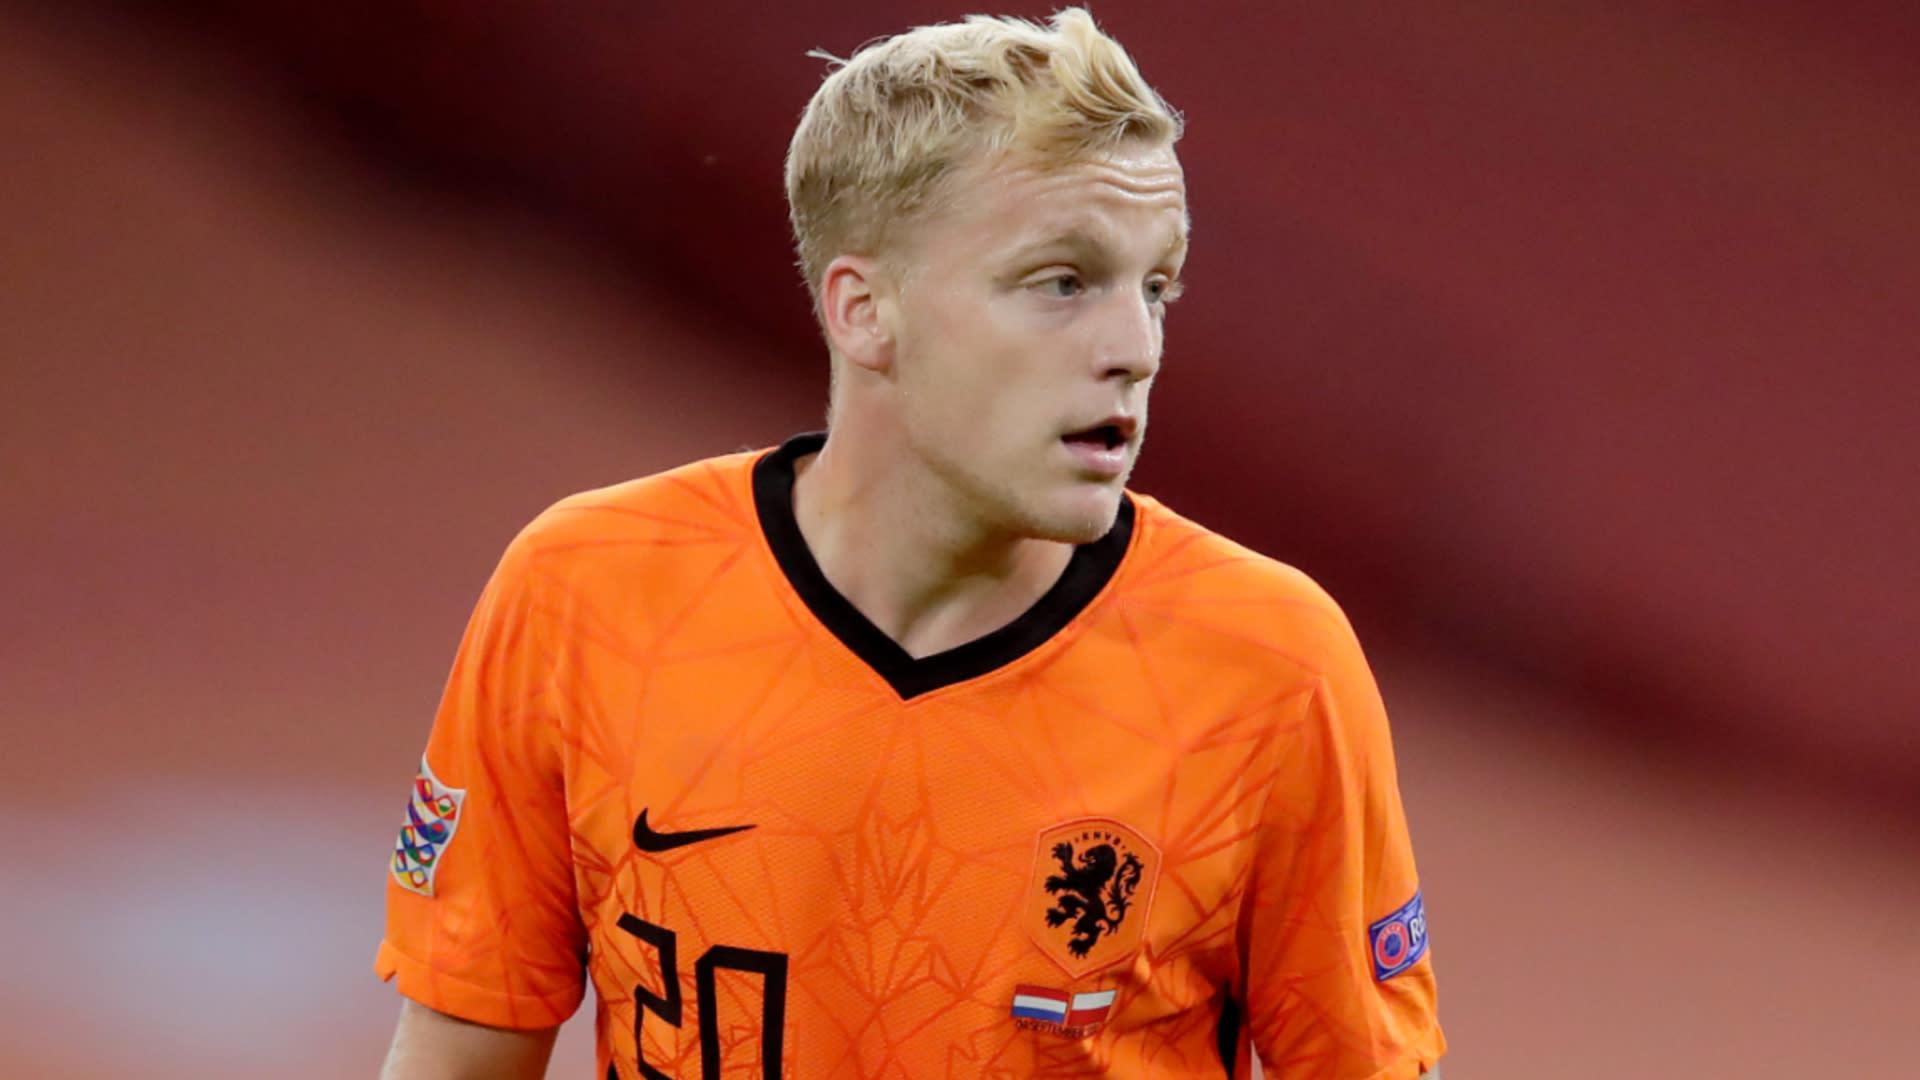 Van De Beek A Top Class Bargain For Man Utd Says Fletcher